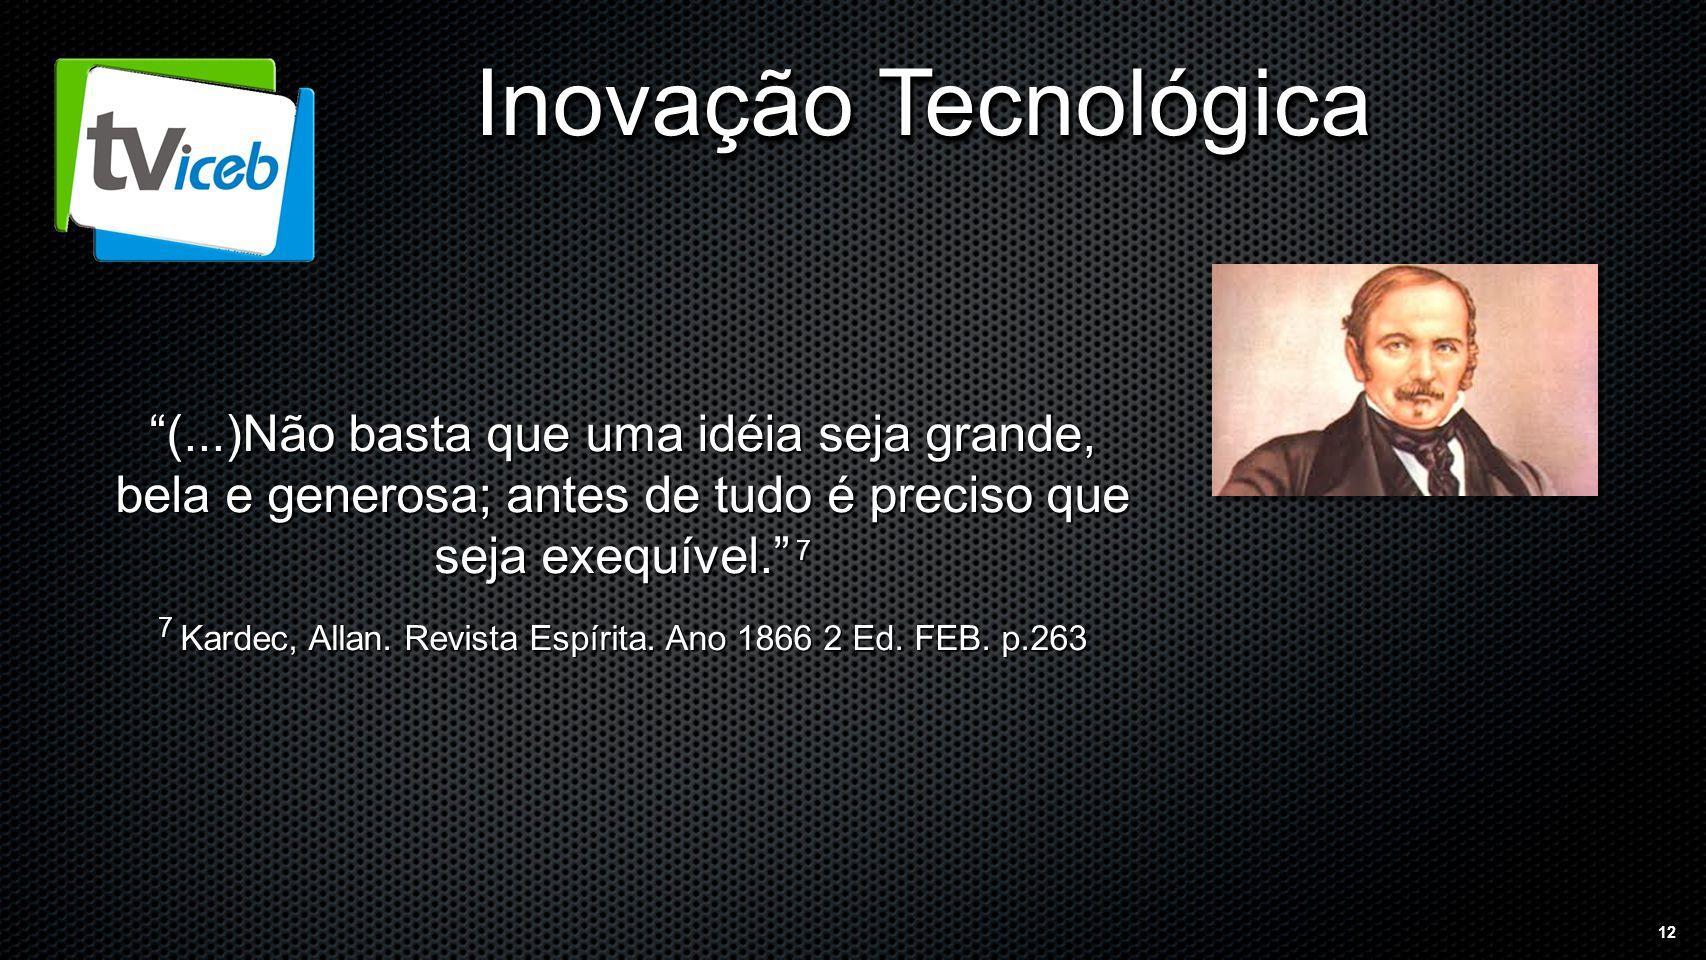 12 Inovação Tecnológica (...)Não basta que uma idéia seja grande, bela e generosa; antes de tudo é preciso que seja exequível. 7 7 Kardec, Allan.